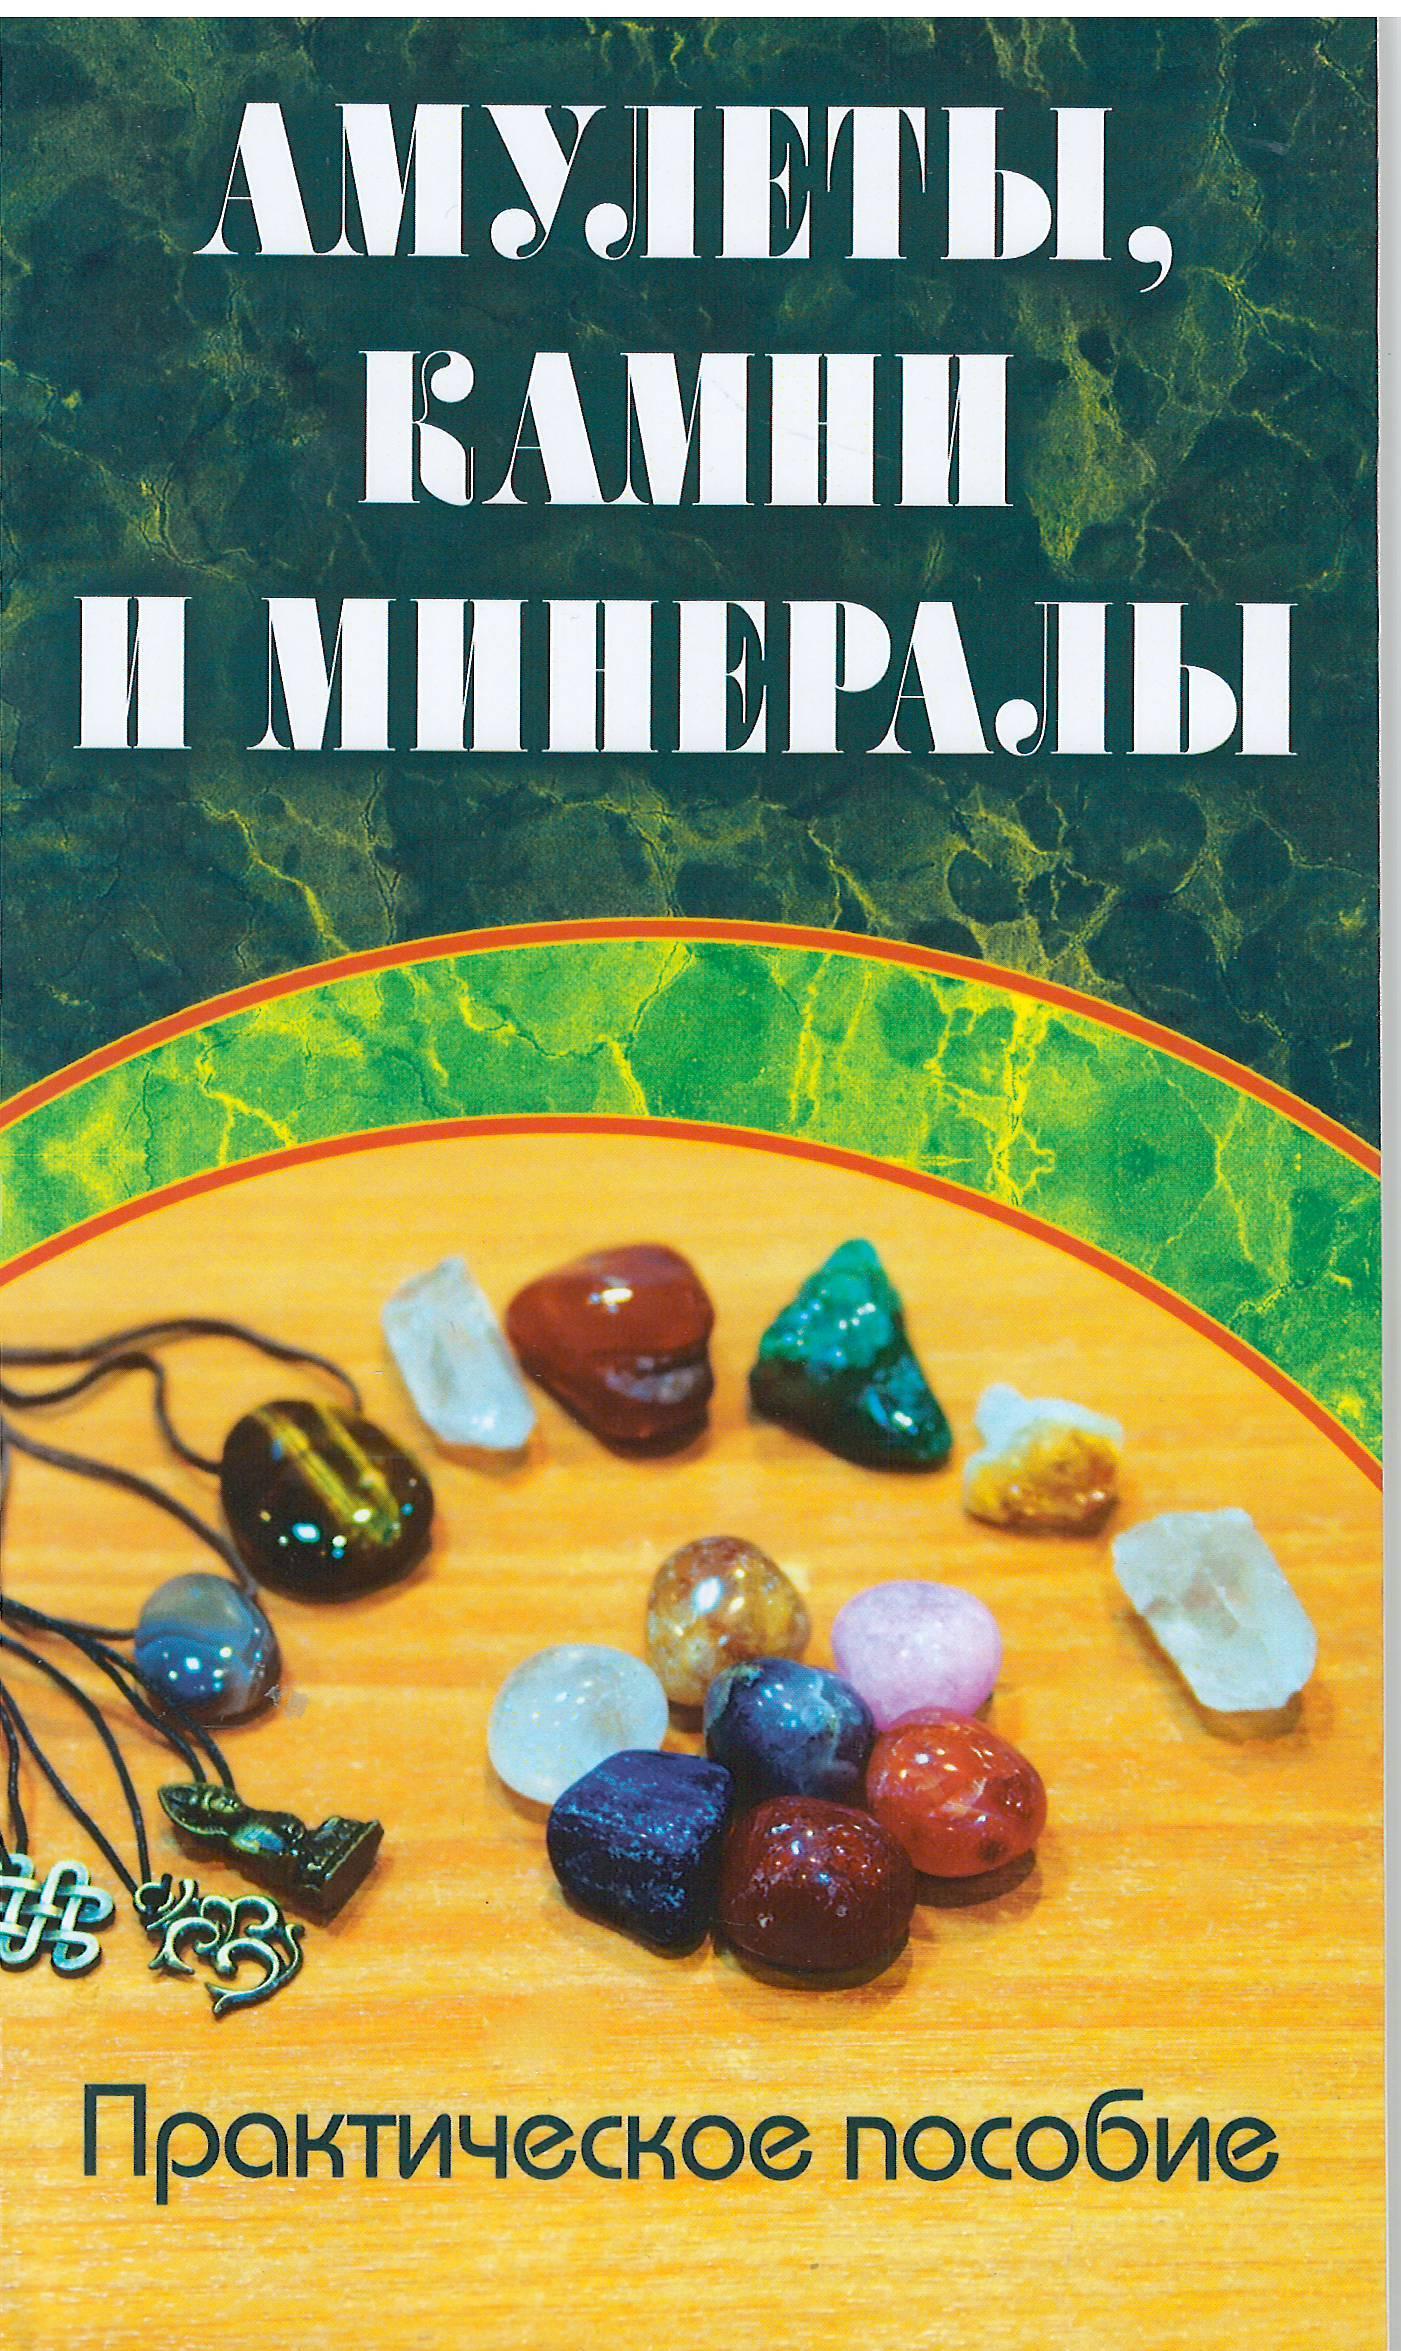 Амулеты, камни и минералы. Практическое пособие. Константин Царихин